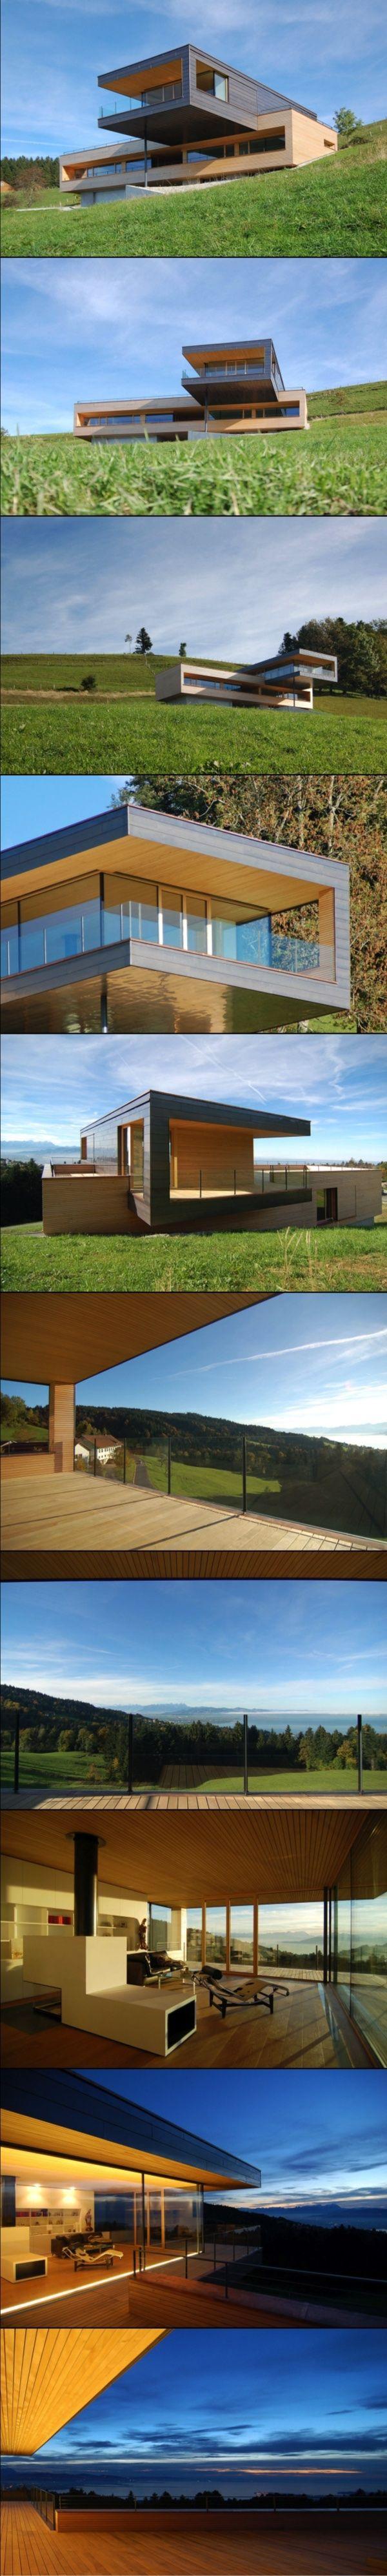 257 best Haus und Raum images on Pinterest | Modern homes ...